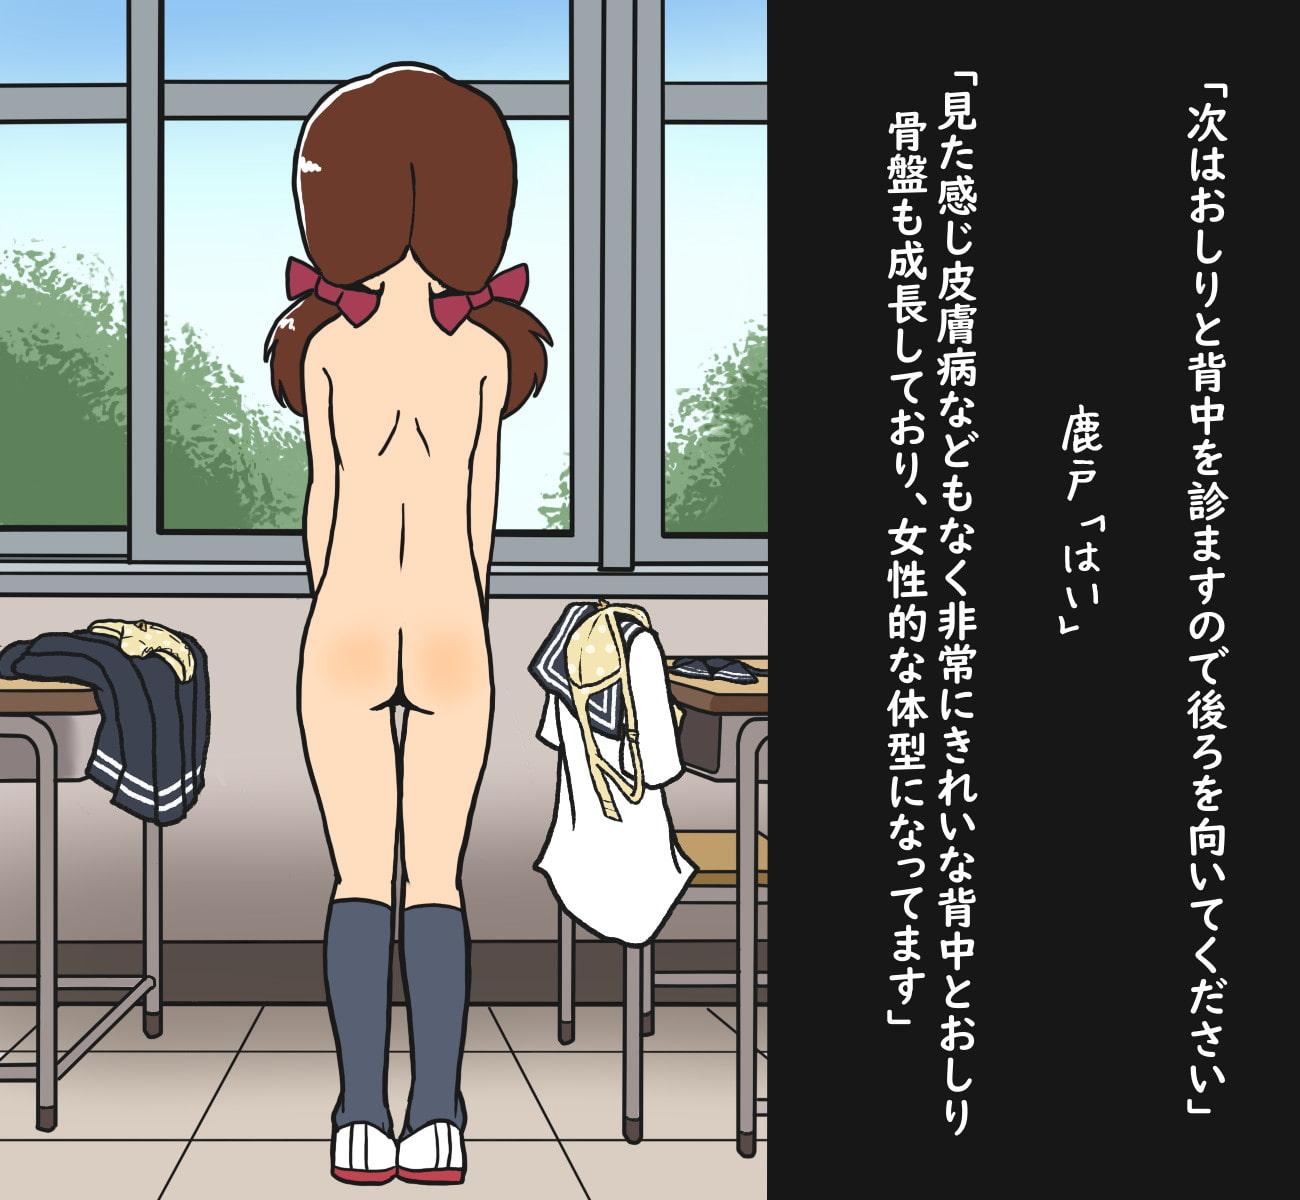 RJ329542 芋臭い女の子がえっちな検査を受けるお話 [20210601]